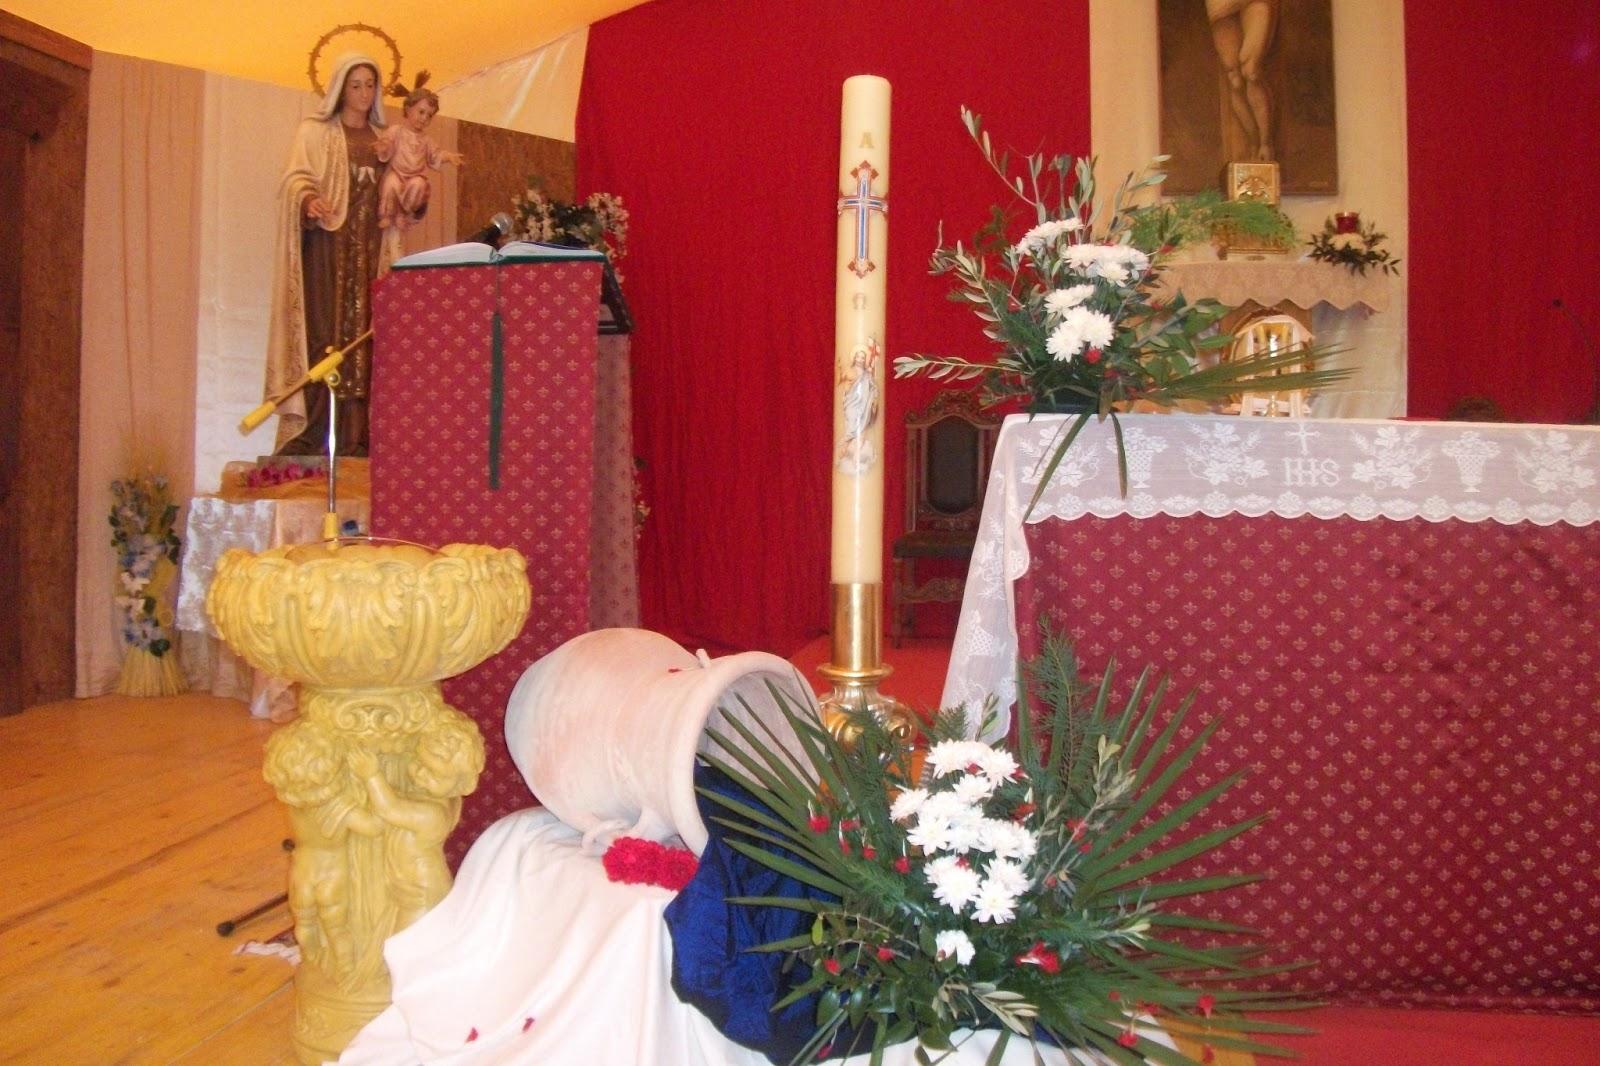 Arte floreale per la liturgia fioritura pasqua 2013 - Colorazione pagine palma domenica ...